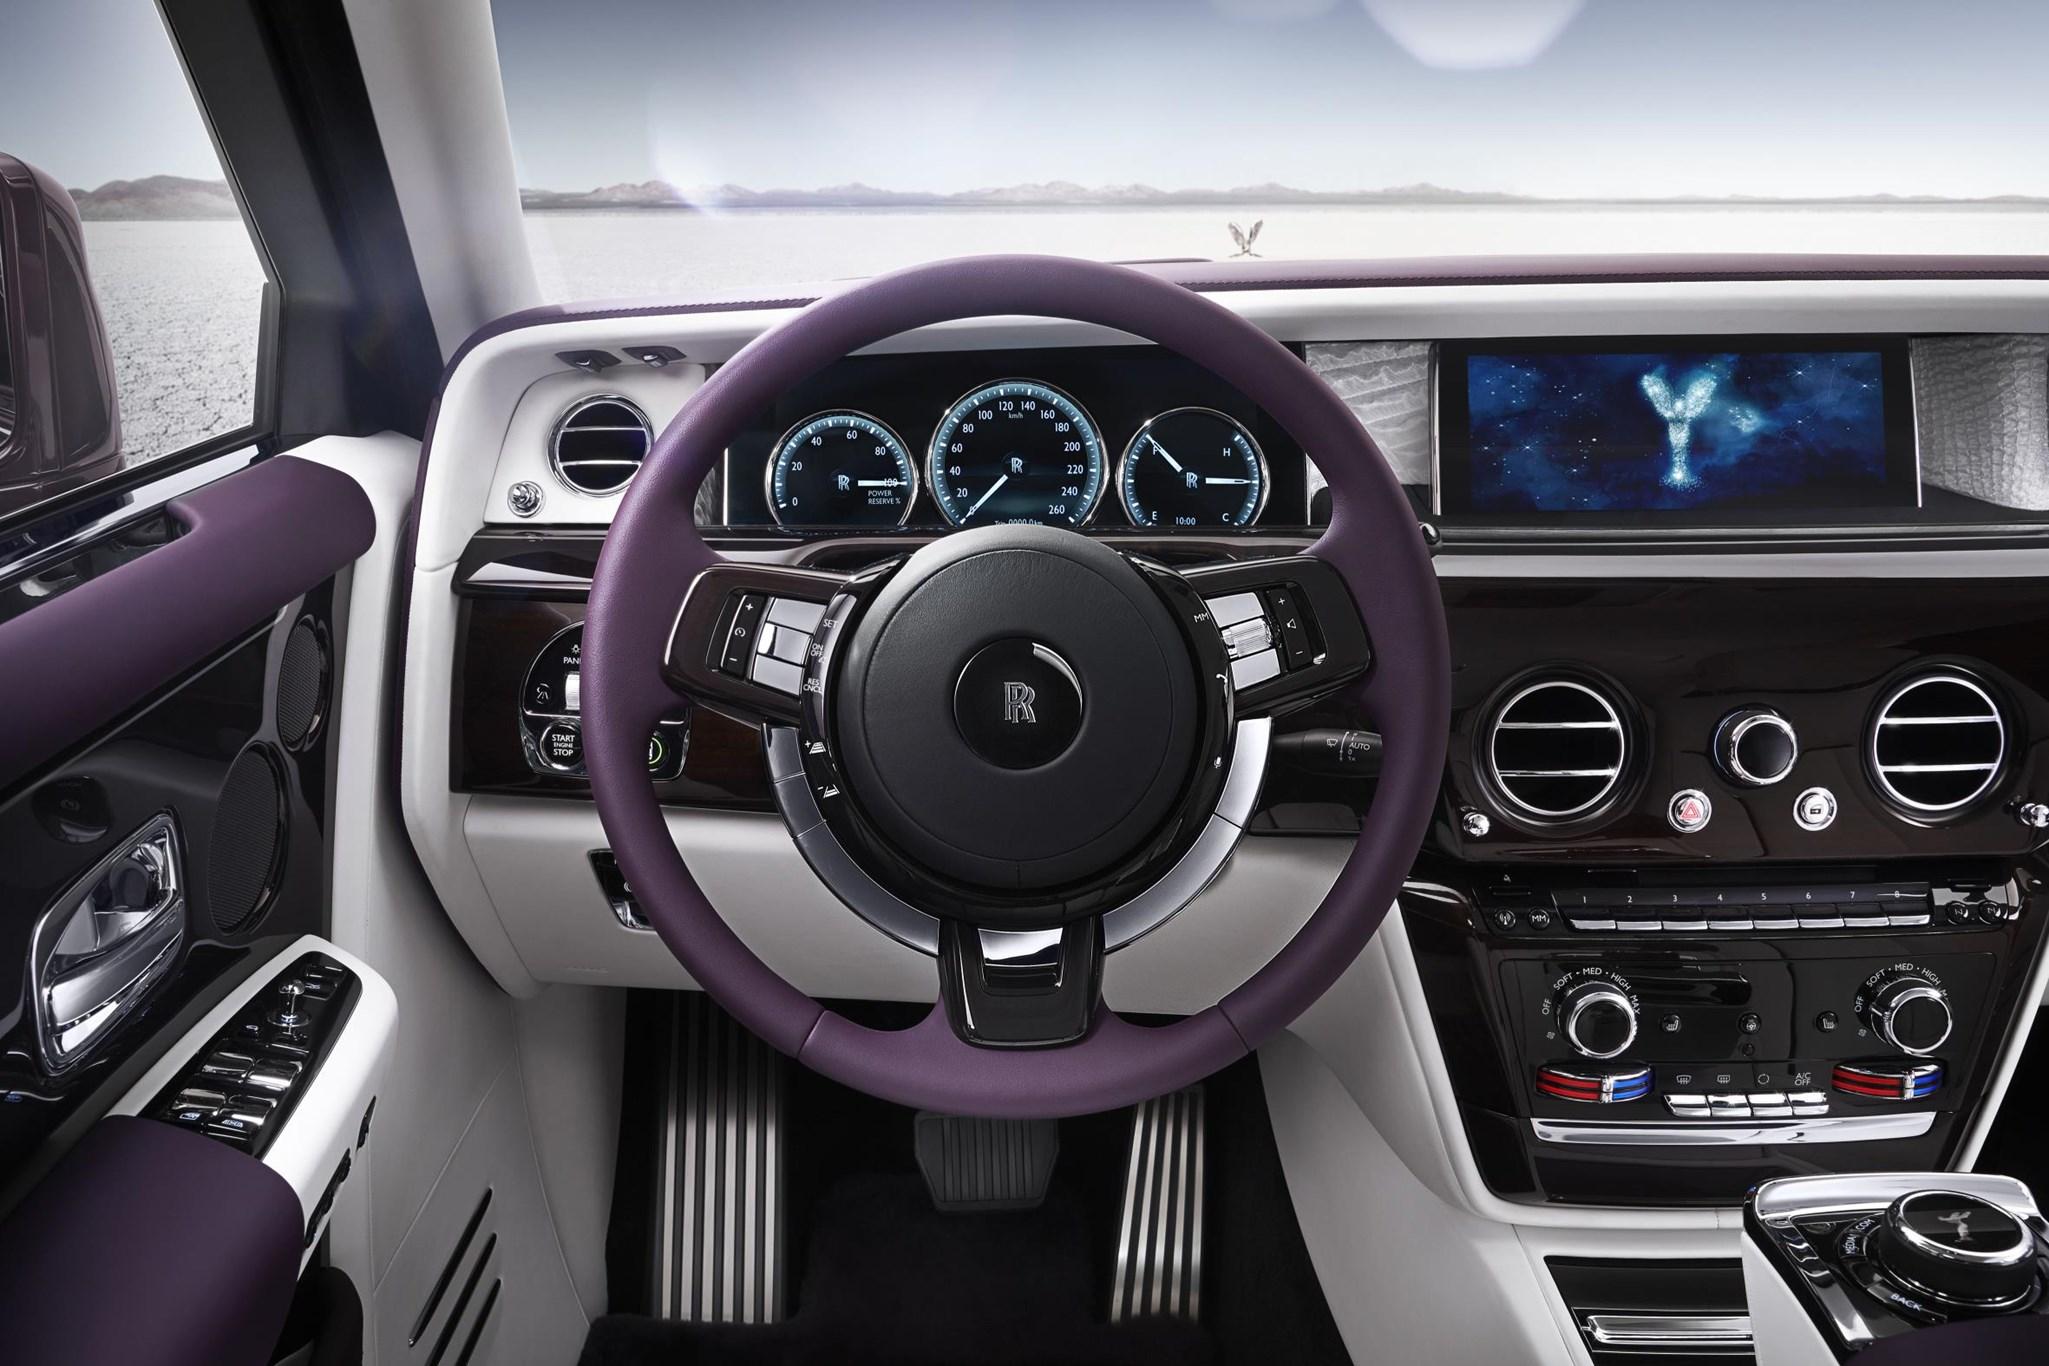 On A Rolls Royce